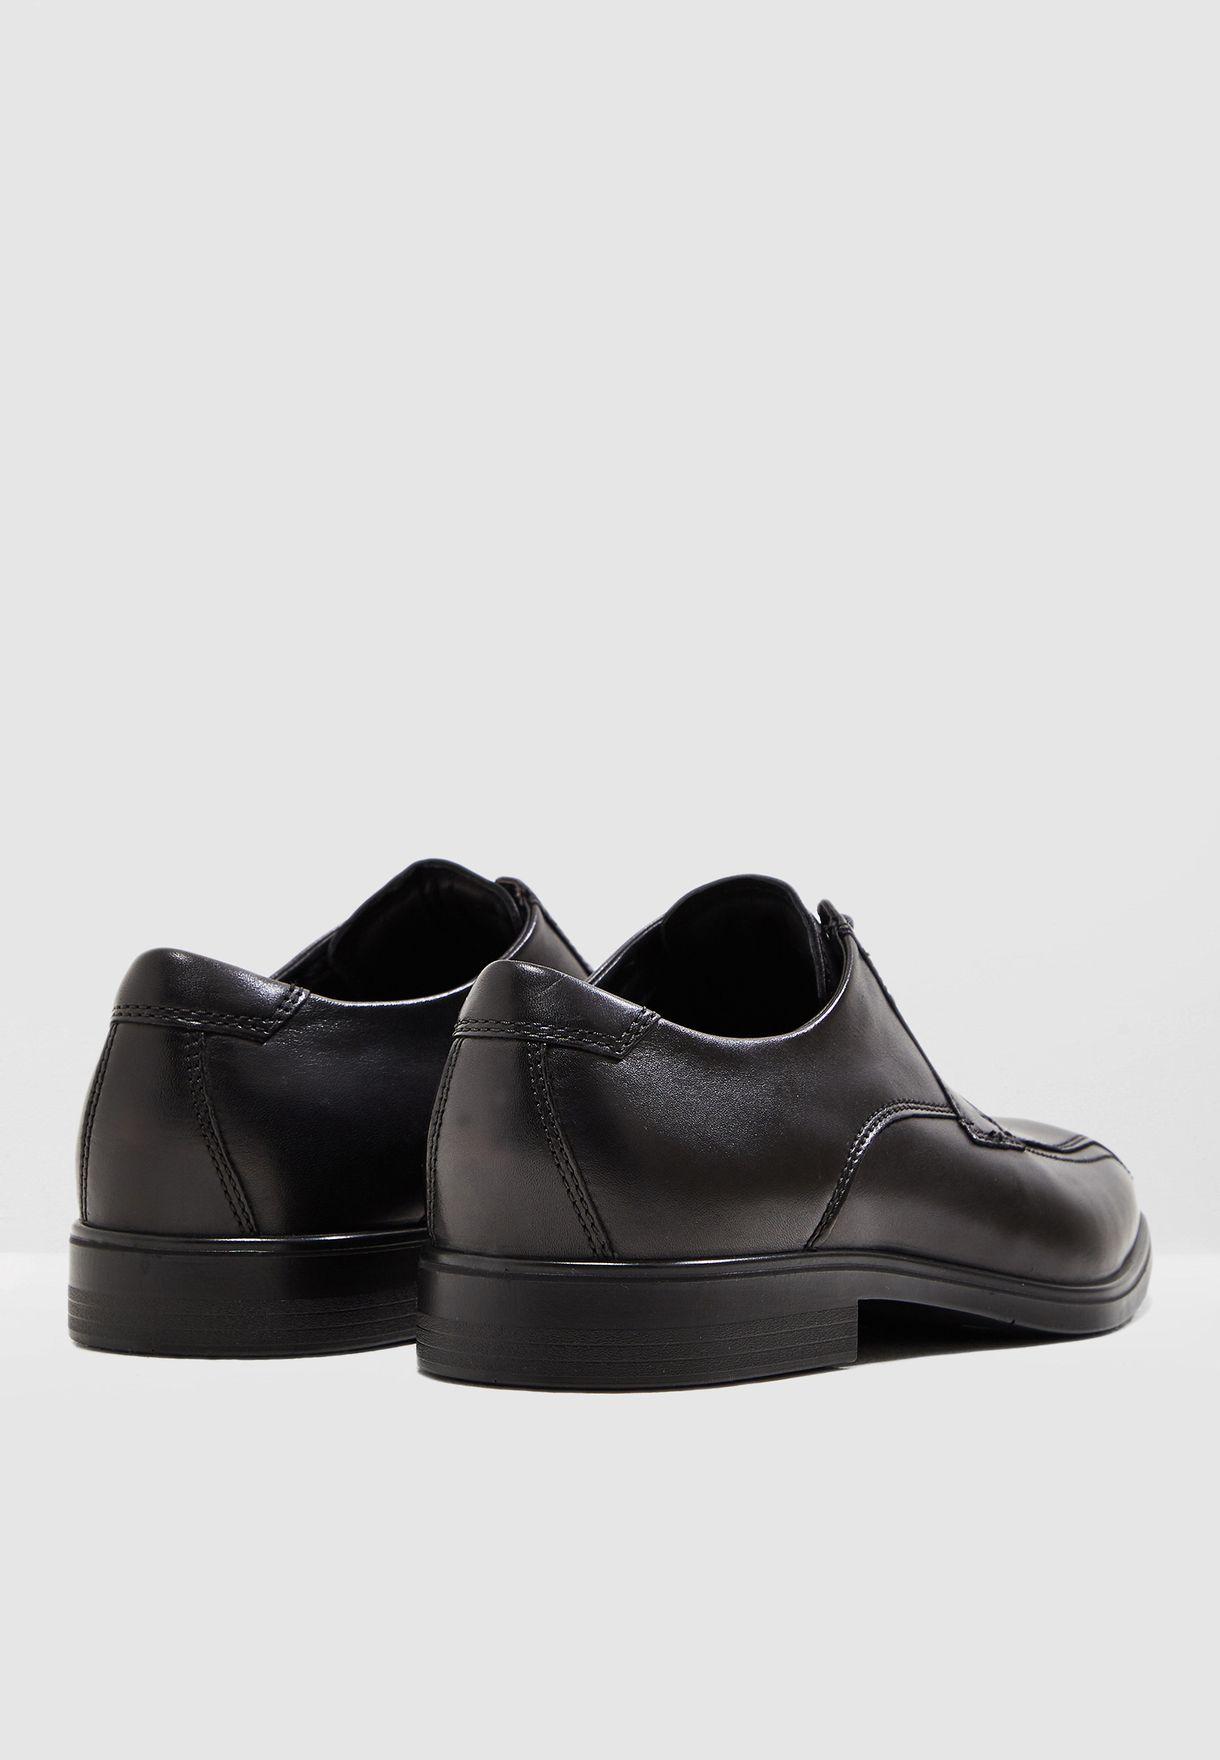 حذاء رسمي بأربطة علوية